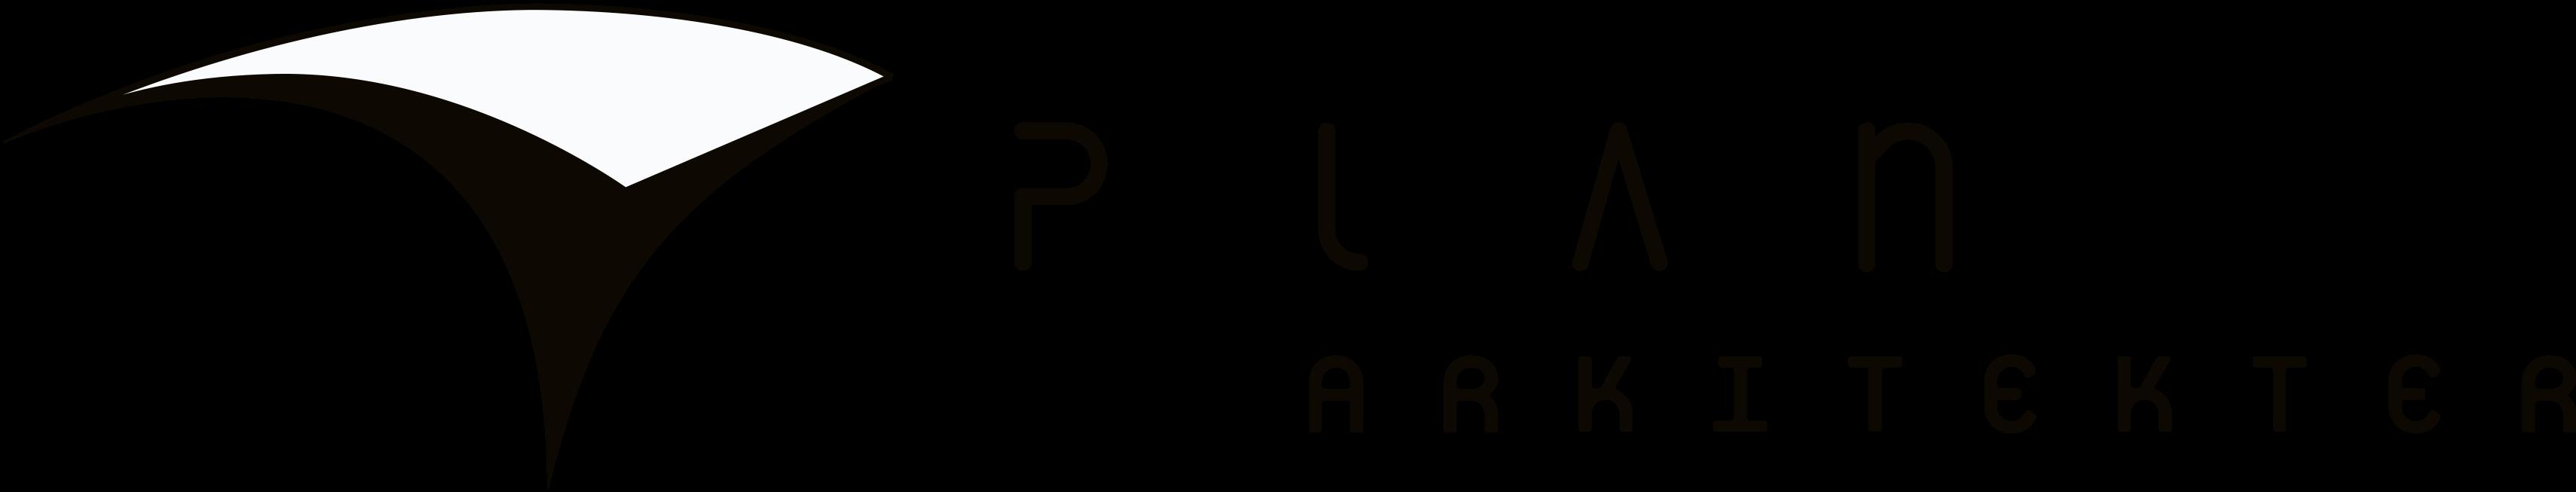 PLAN arkitekter AS